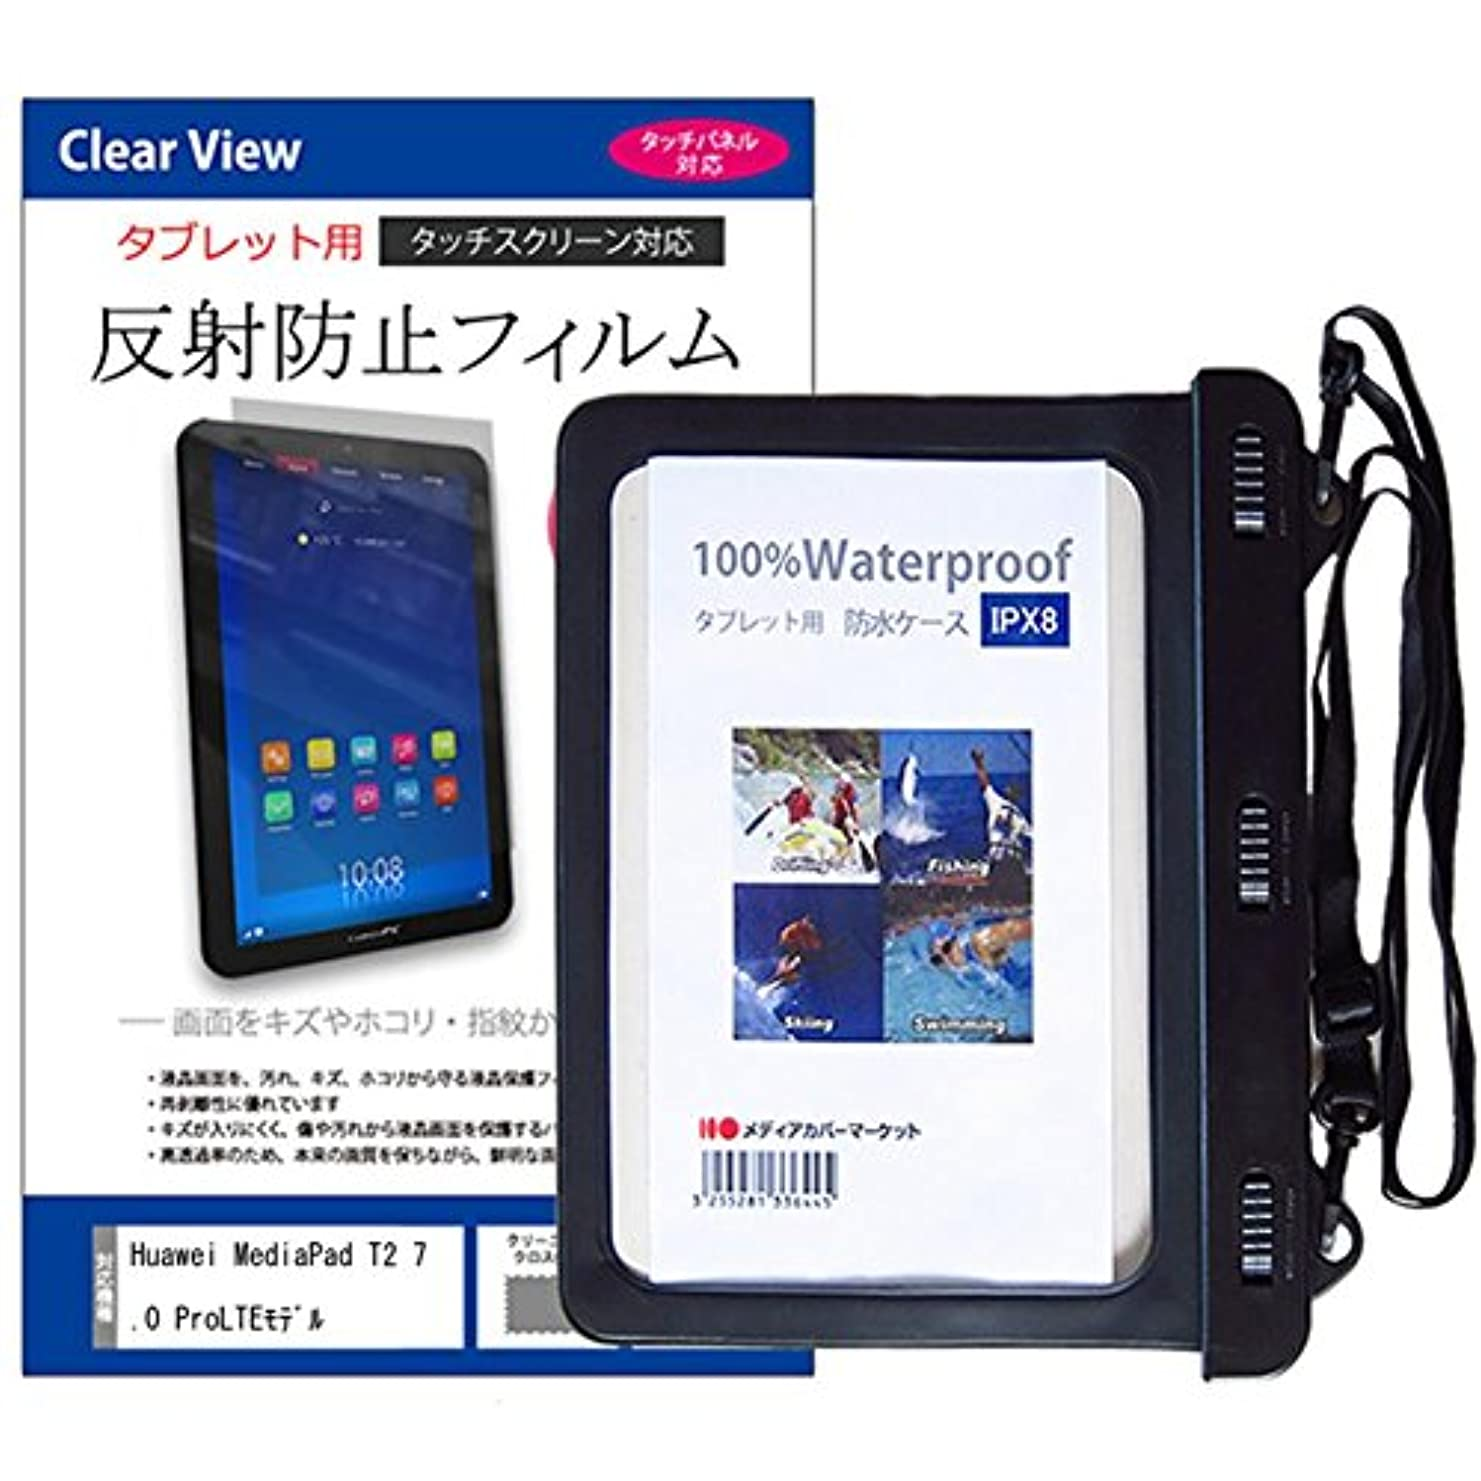 孤独必要性民間メディアカバーマーケット Huawei MediaPad T2 7.0 Pro LTEモデル [7インチ(1920x1200)]機種用 【防水ケース と 反射防止液晶保護フィルム のセット】 お風呂場 キッチン 海 プール